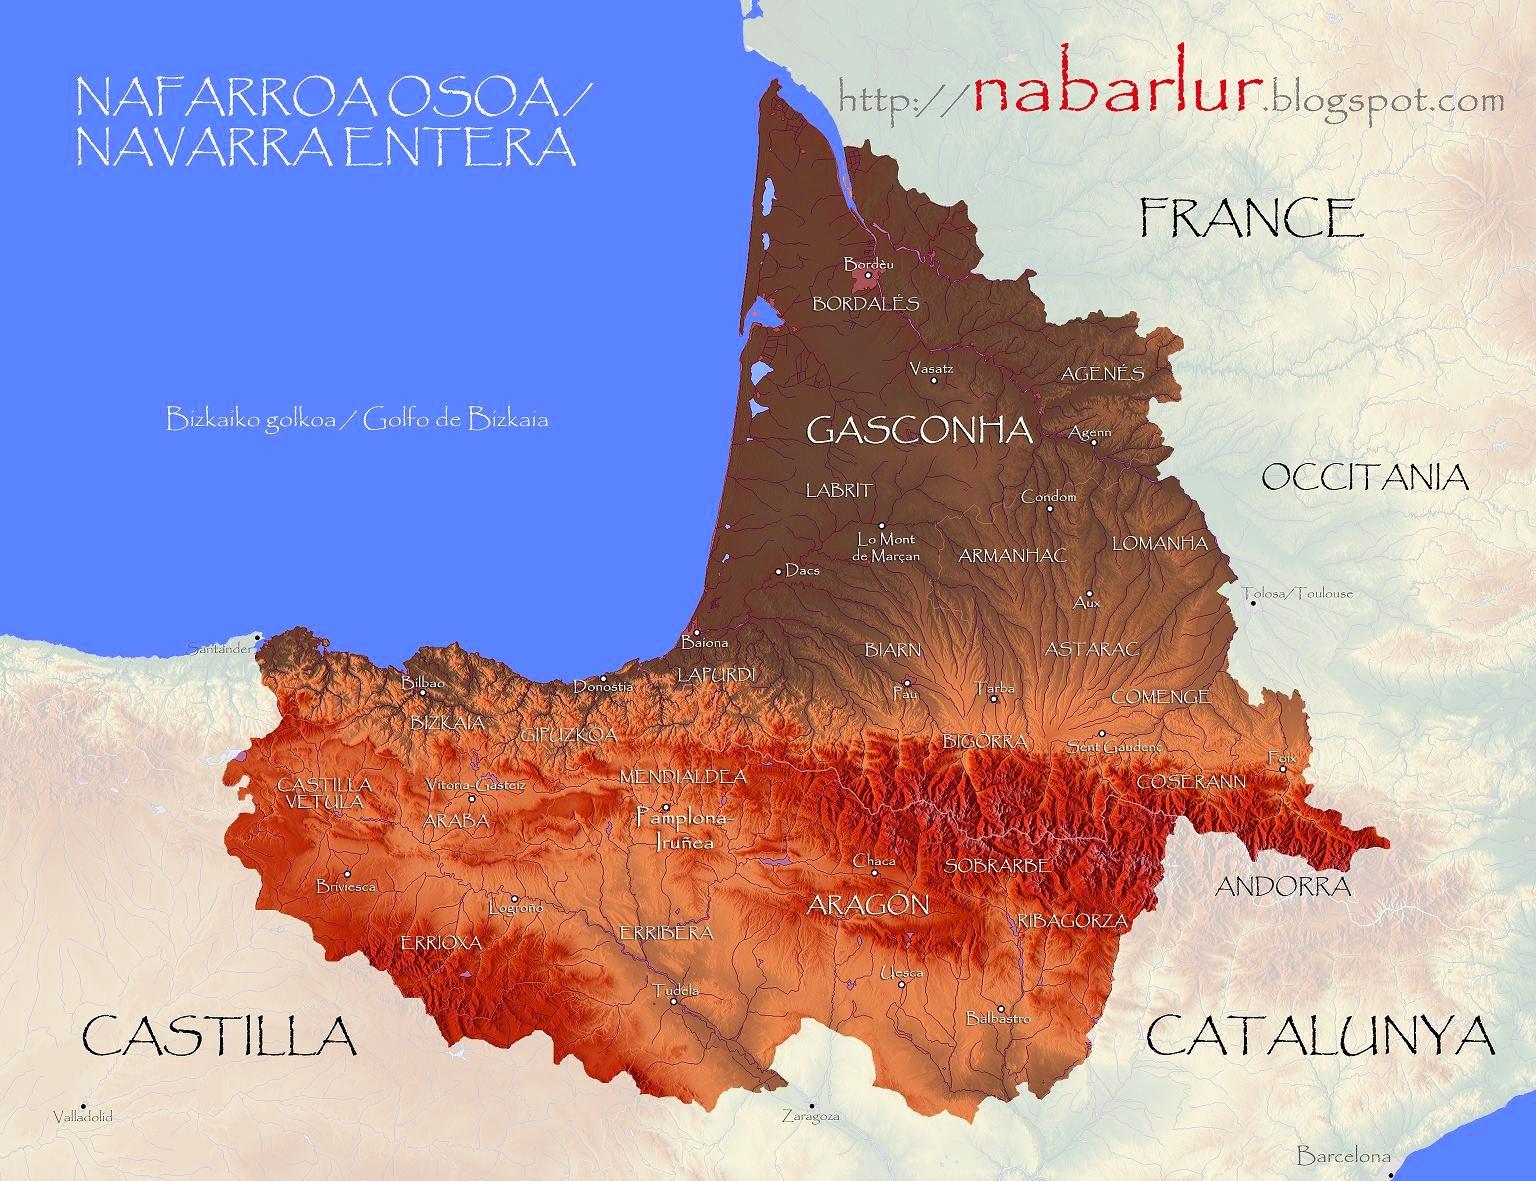 Rutas por las fortalezas del reino de navarra